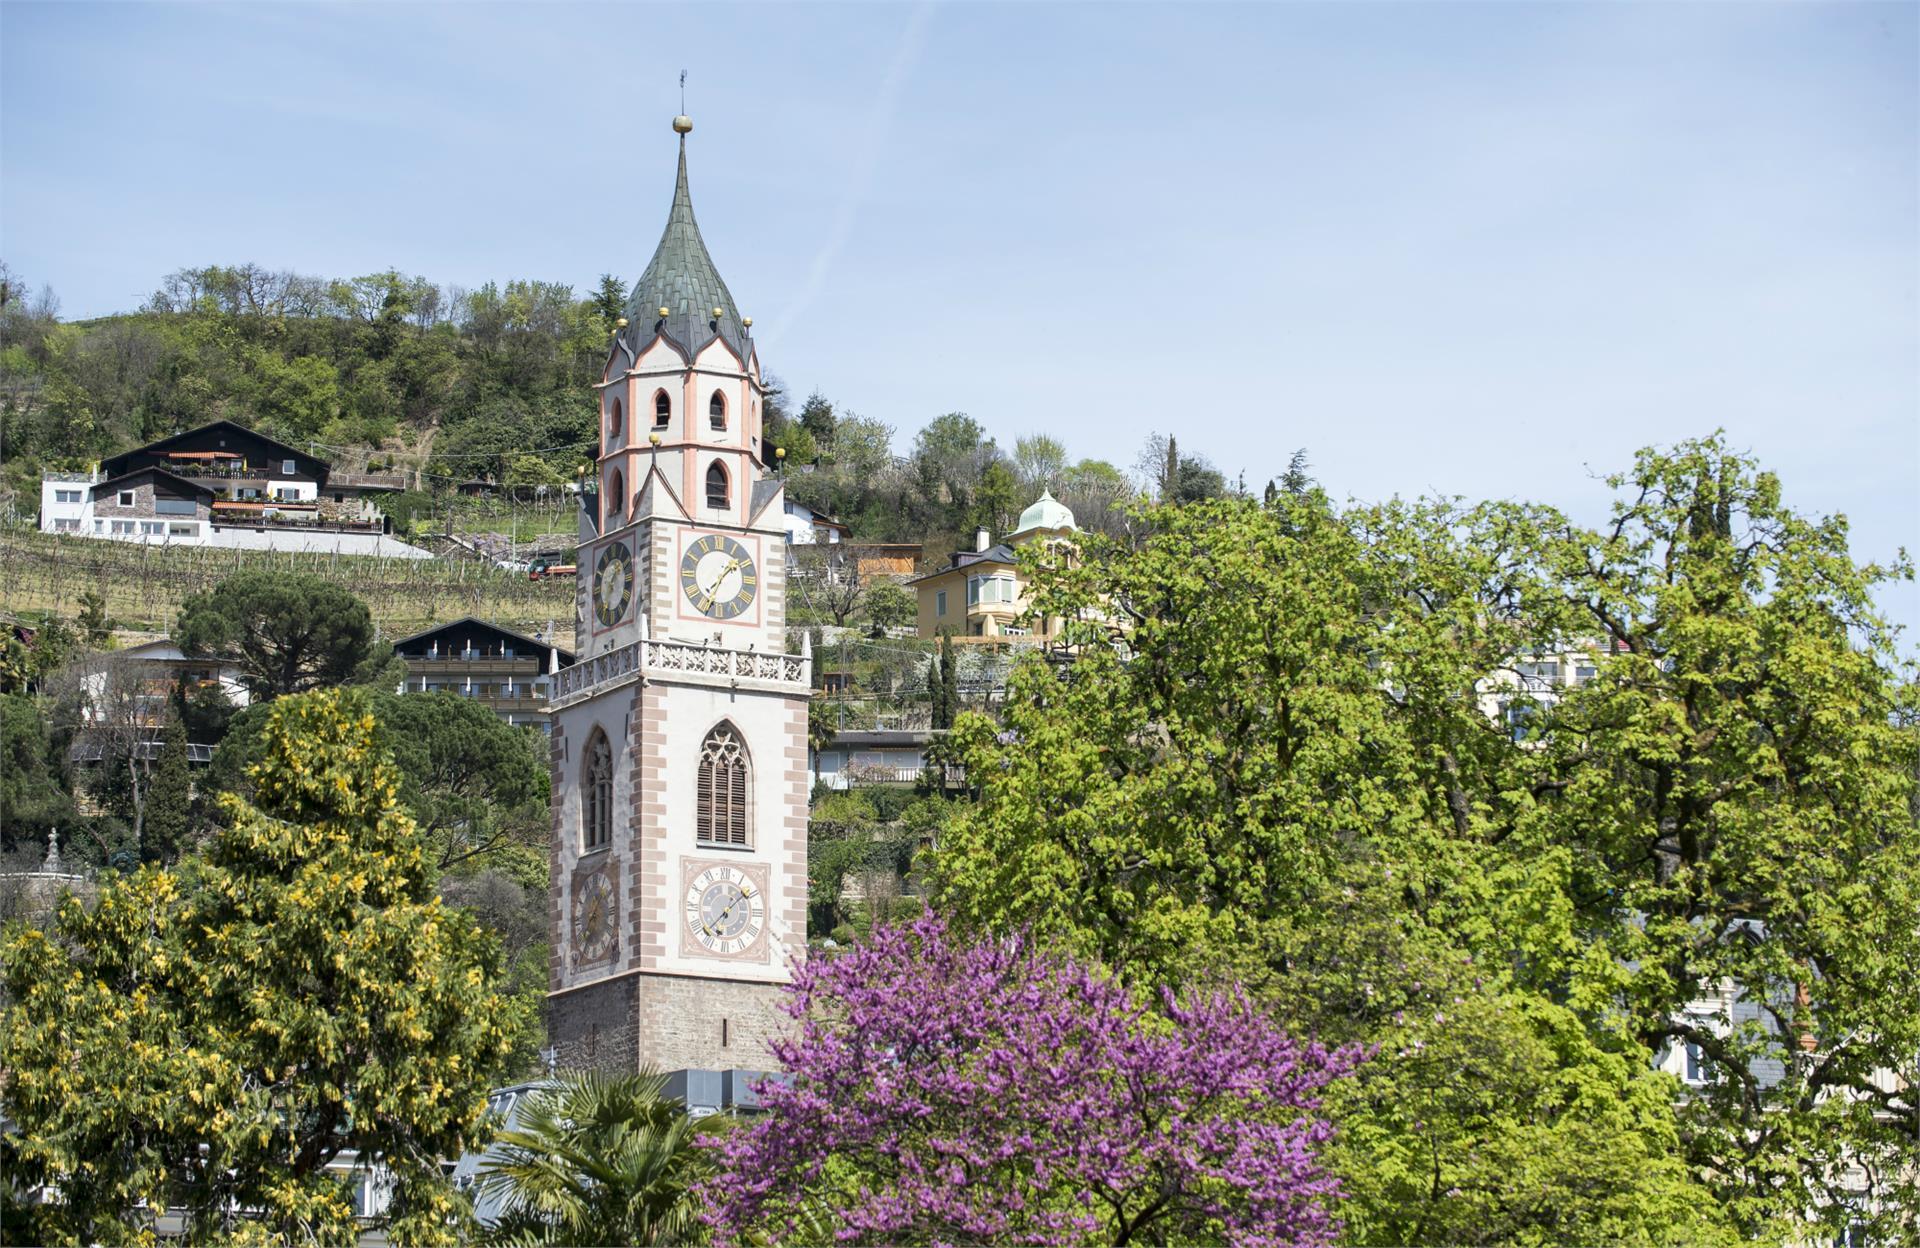 Chiesa Parrocchiale di San Nicolò - Duomo di Merano